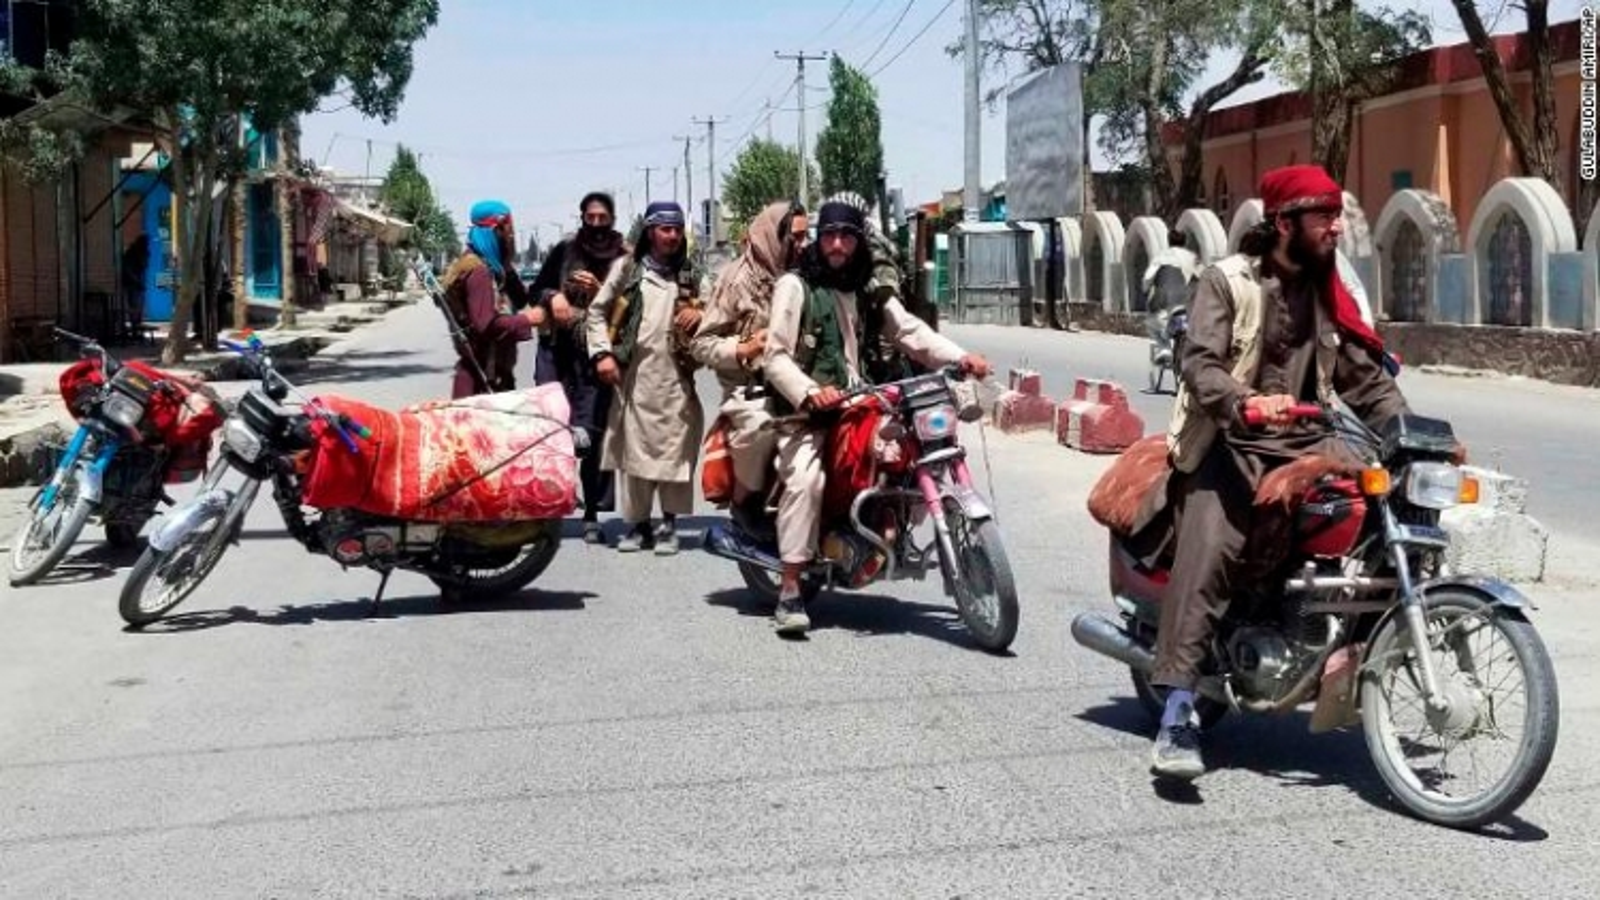 Taliban chiếm 12 thủ phủ tỉnh,thủ đô Kabul của Afghanistan lâm nguy